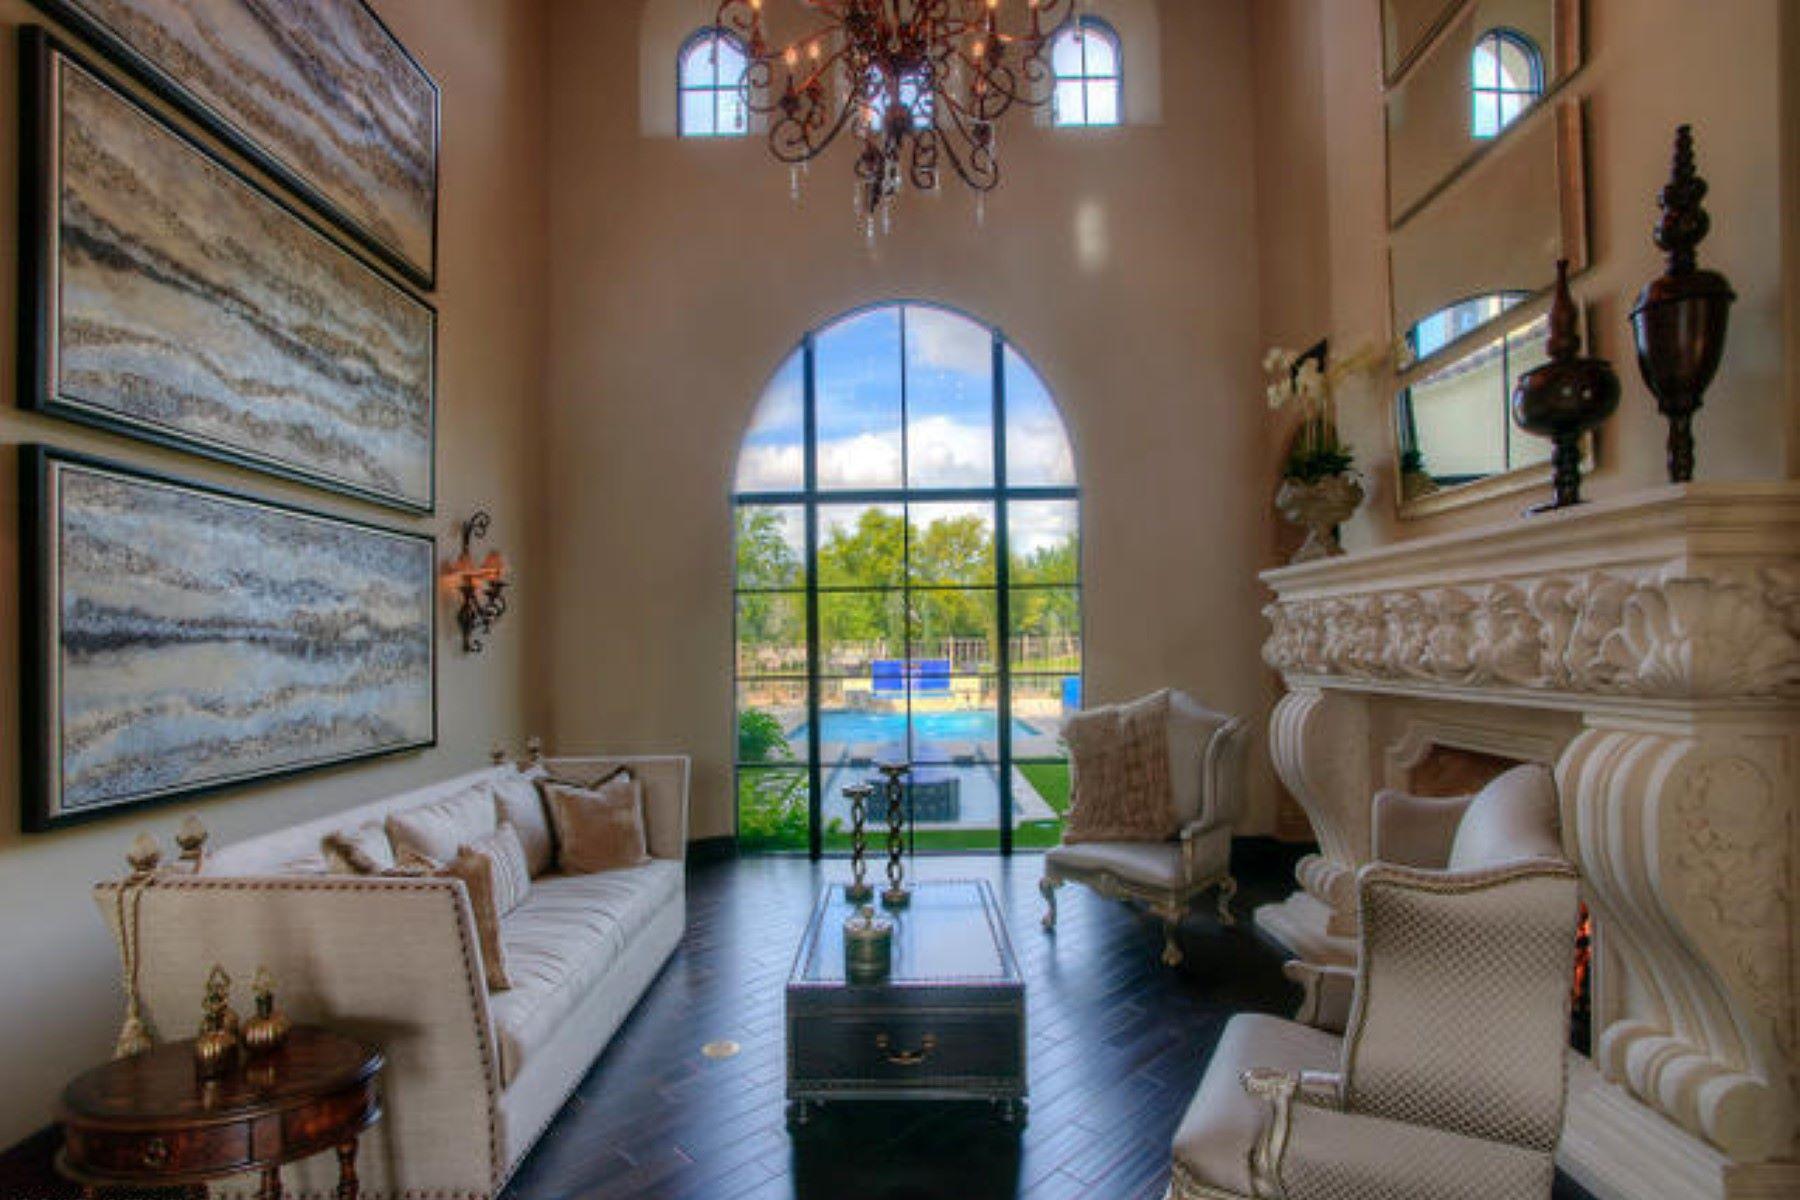 단독 가정 주택 용 매매 에 Stunning home jaw-dropping city-light views 7436 E Continental Mountain Dr, Cave Creek, 아리조나, 85331 미국